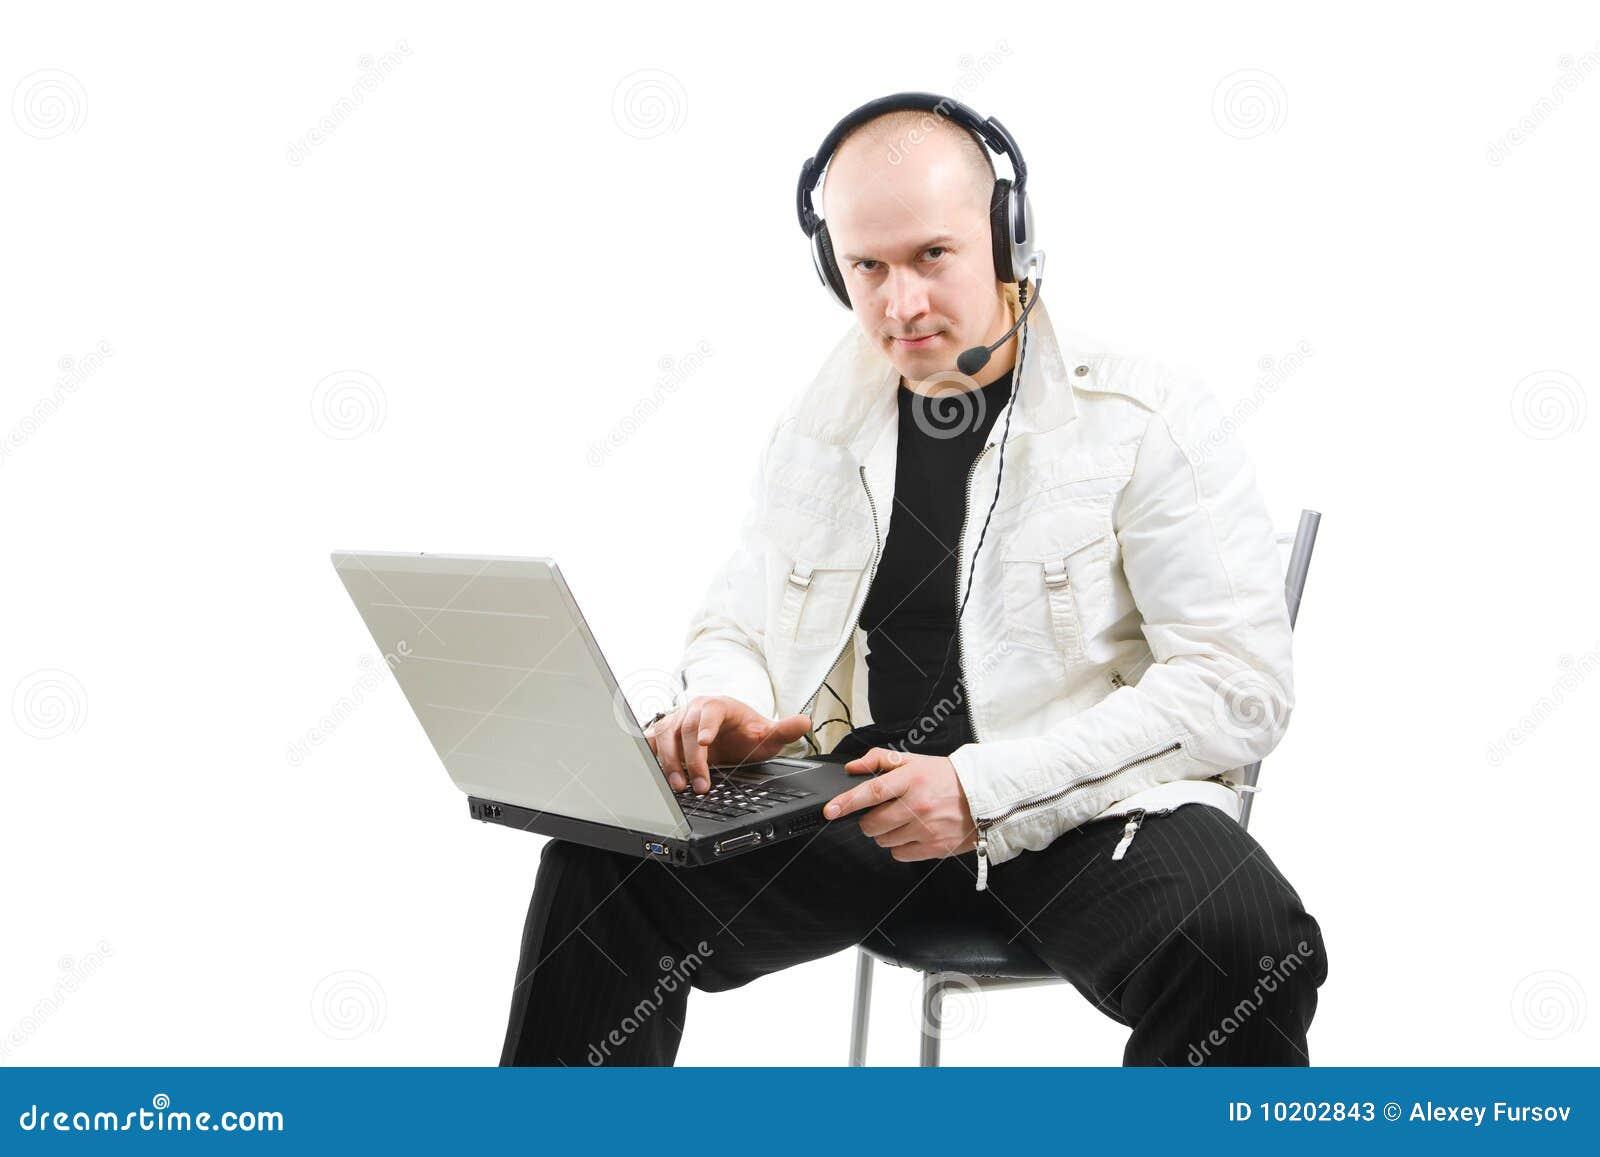 Portrait eines Mannes mit einem Laptop